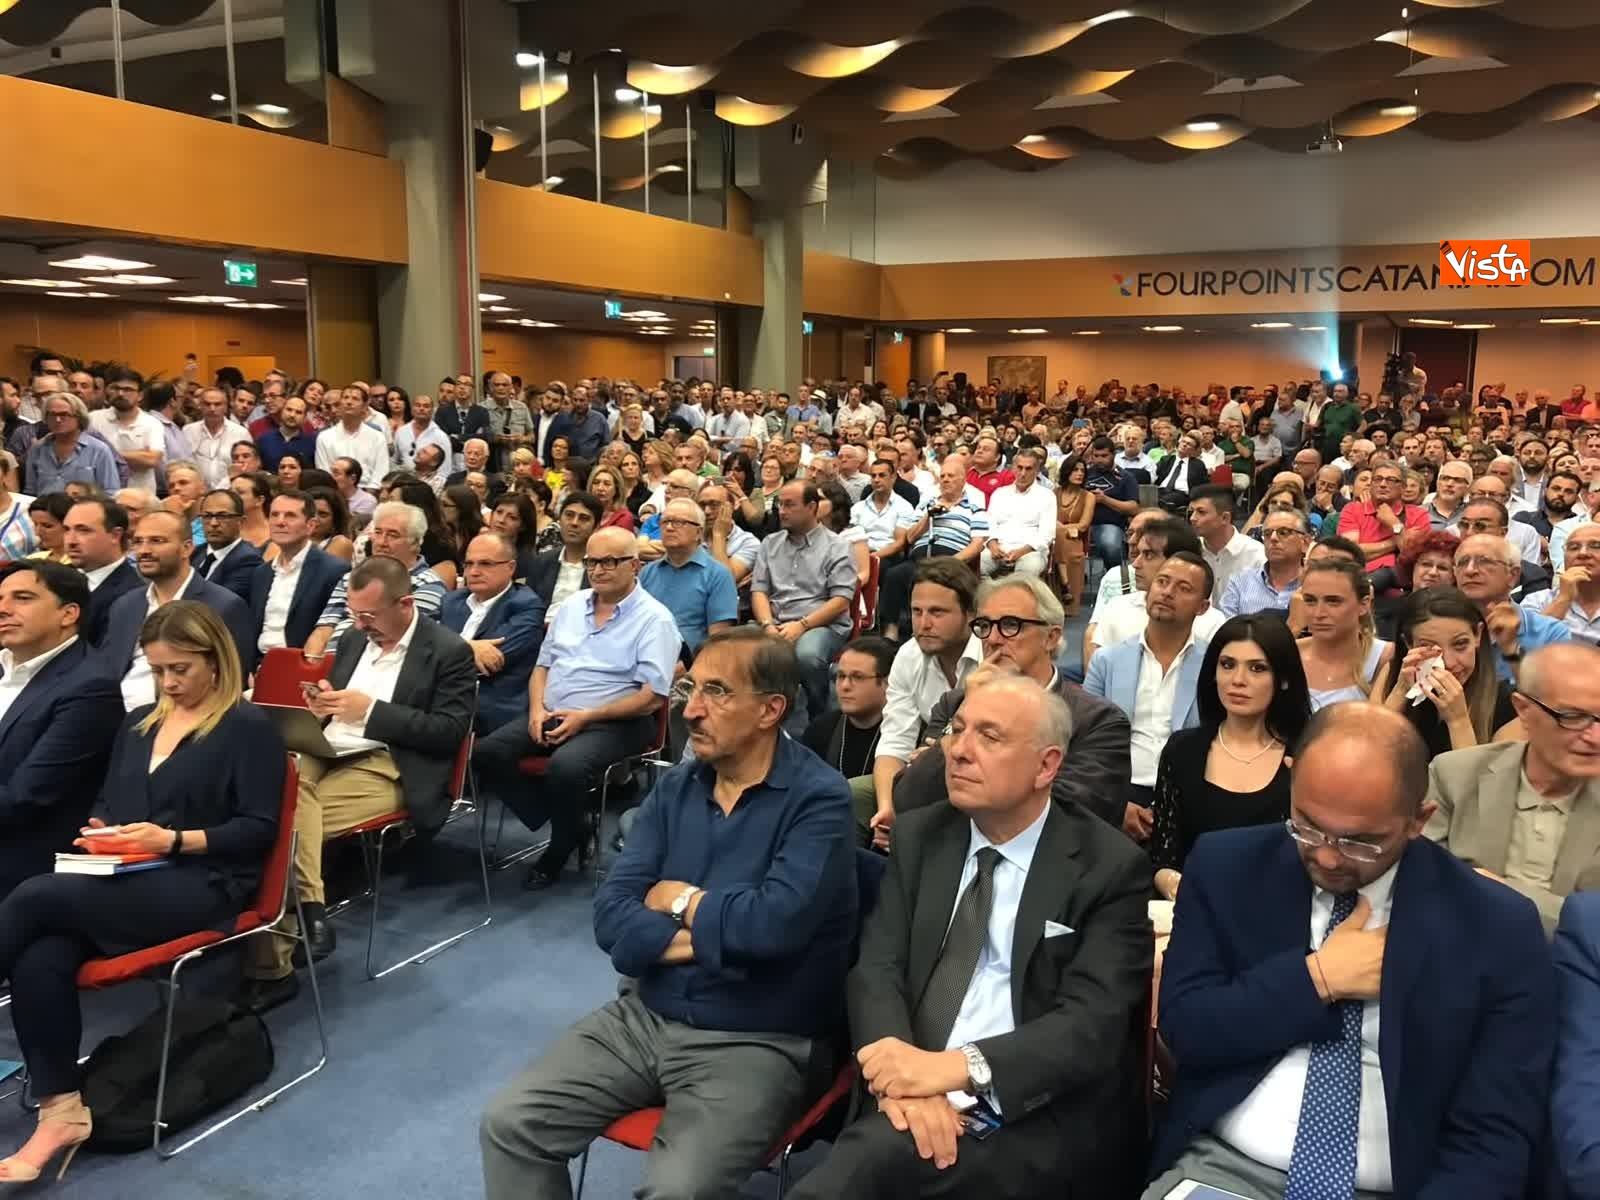 11-07-19 E sempre piu blu, Meloni ufficializza entrata a FdI del sindaco di Catania_03